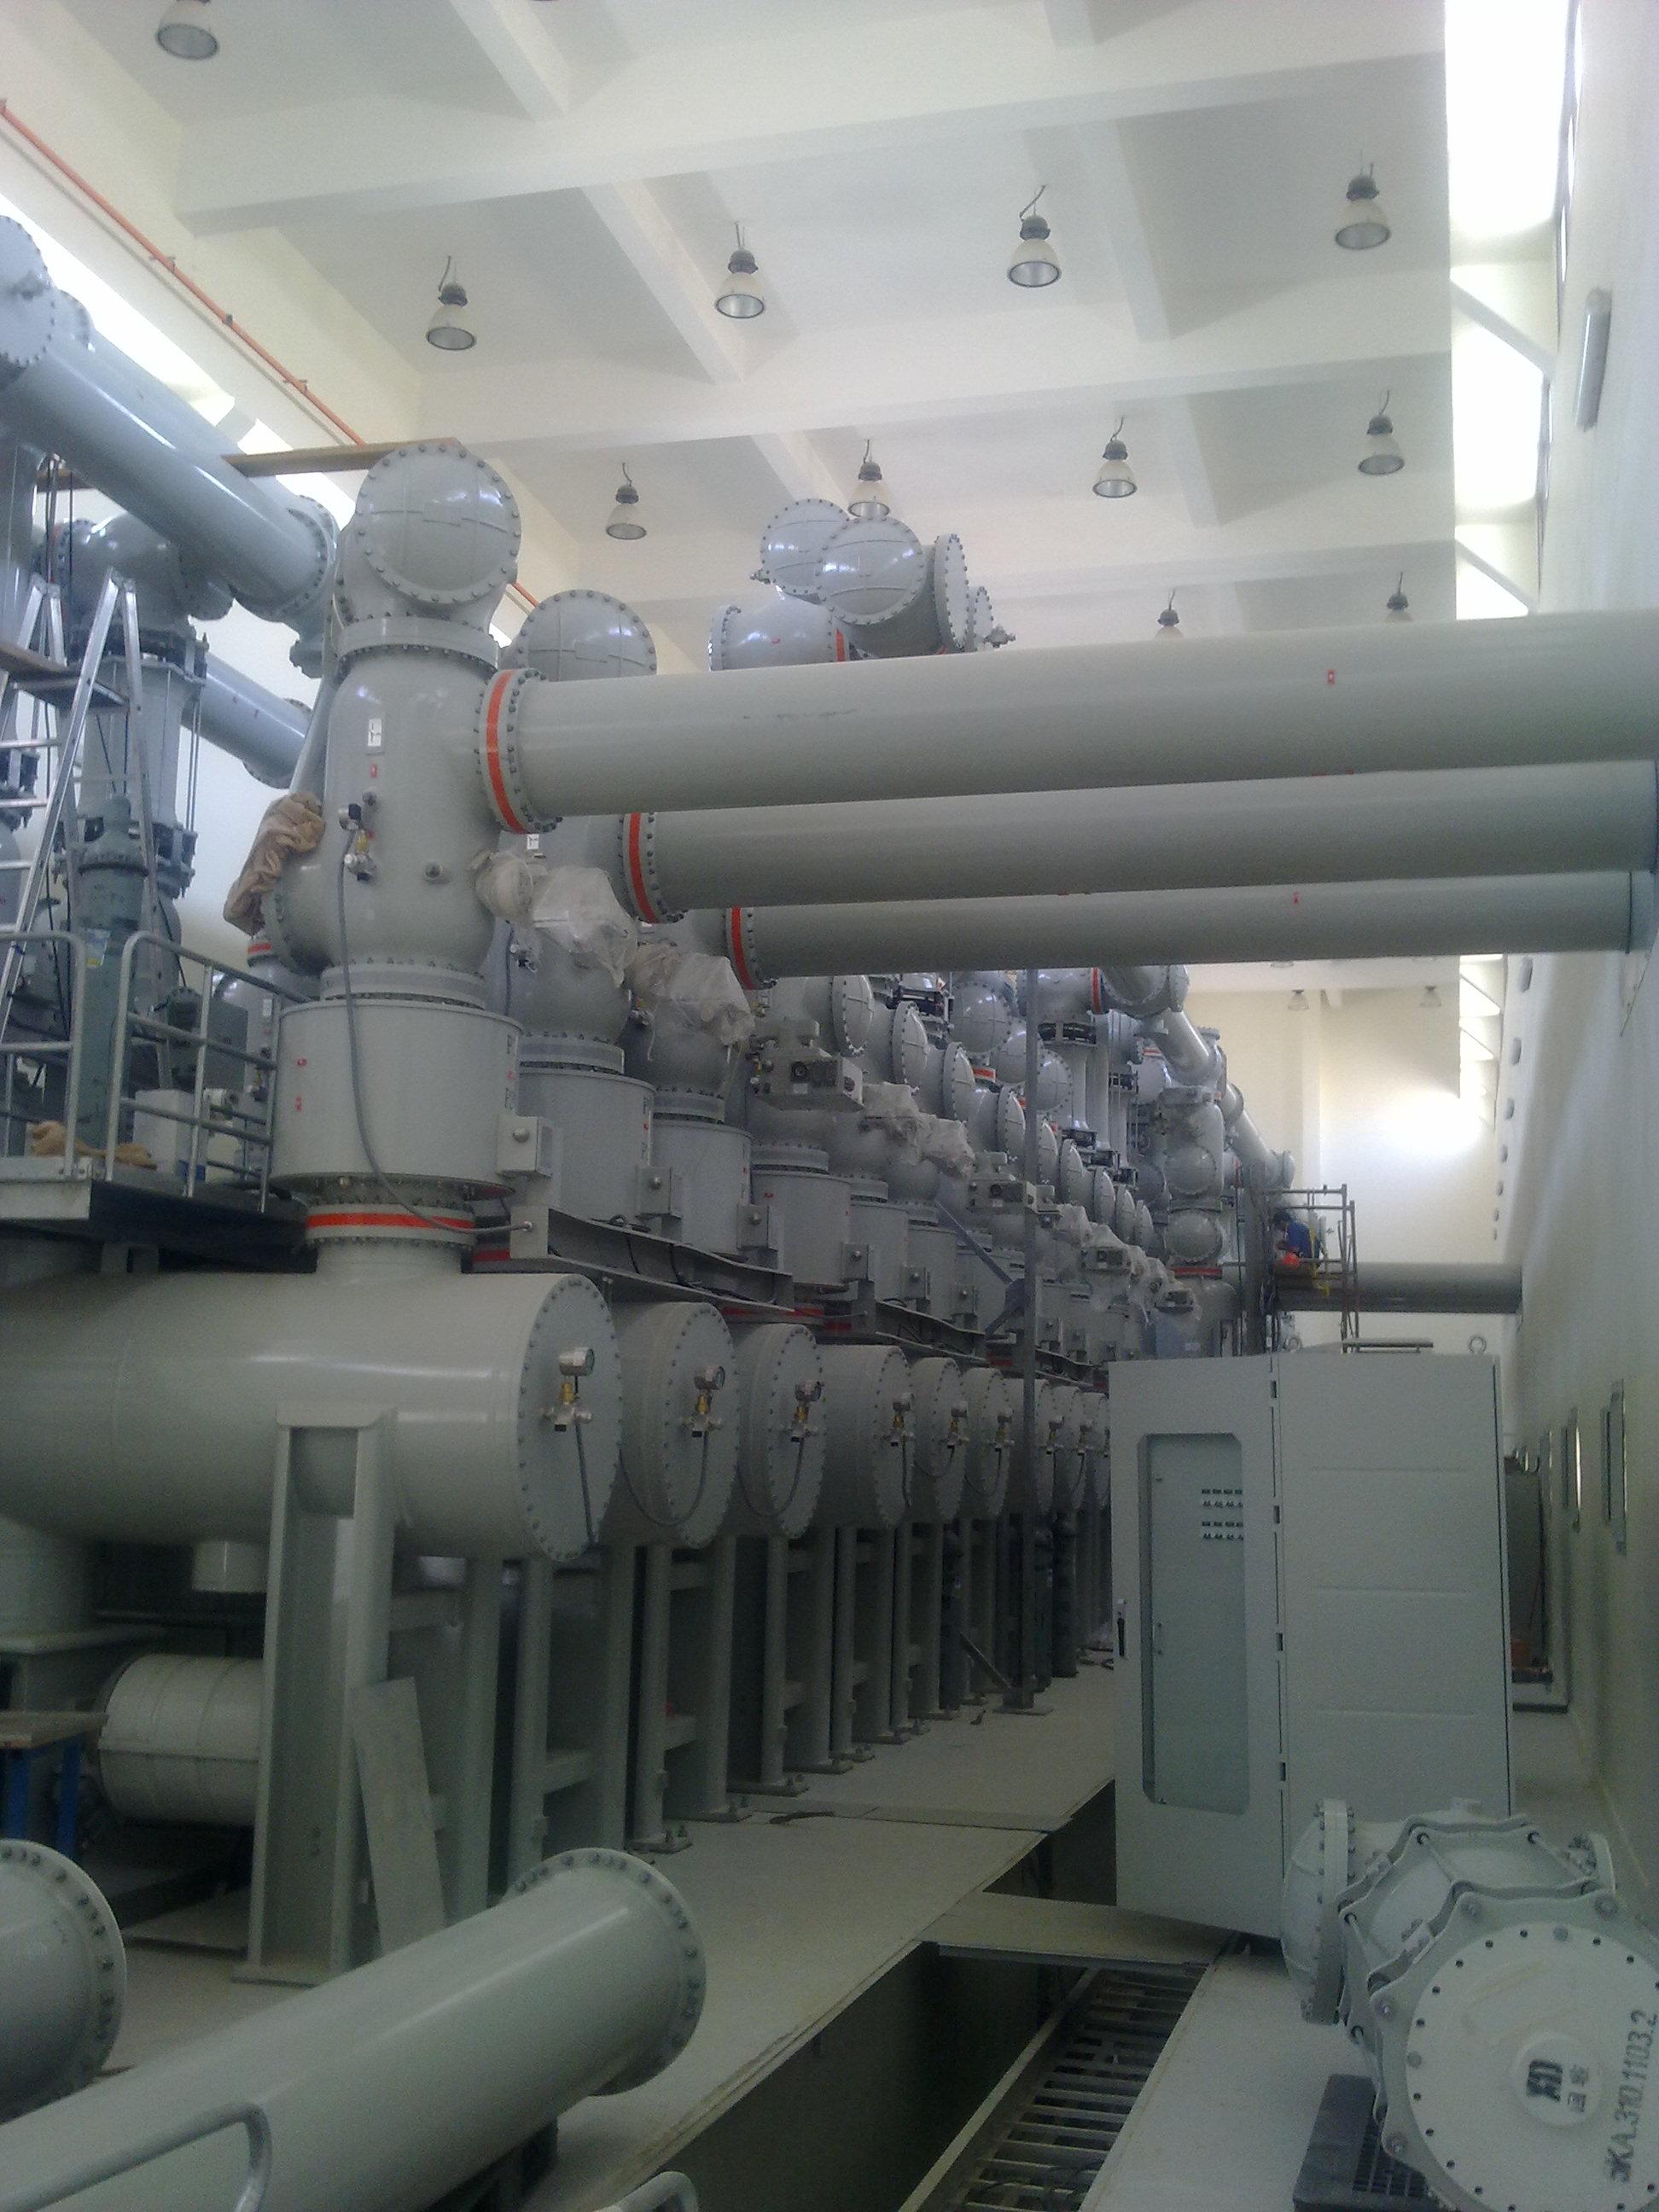 Sokhna 500 KV GIS Substation | SGRC